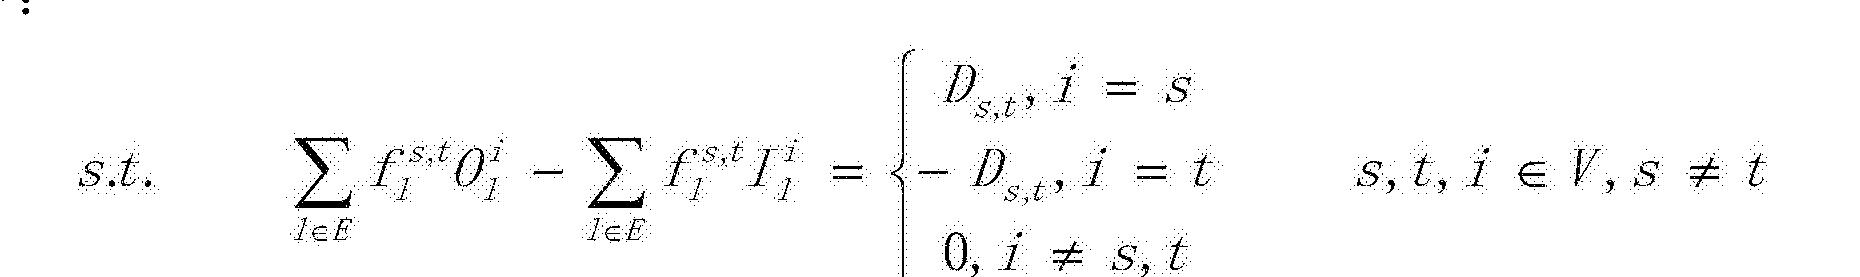 Figure CN103685011BC00022